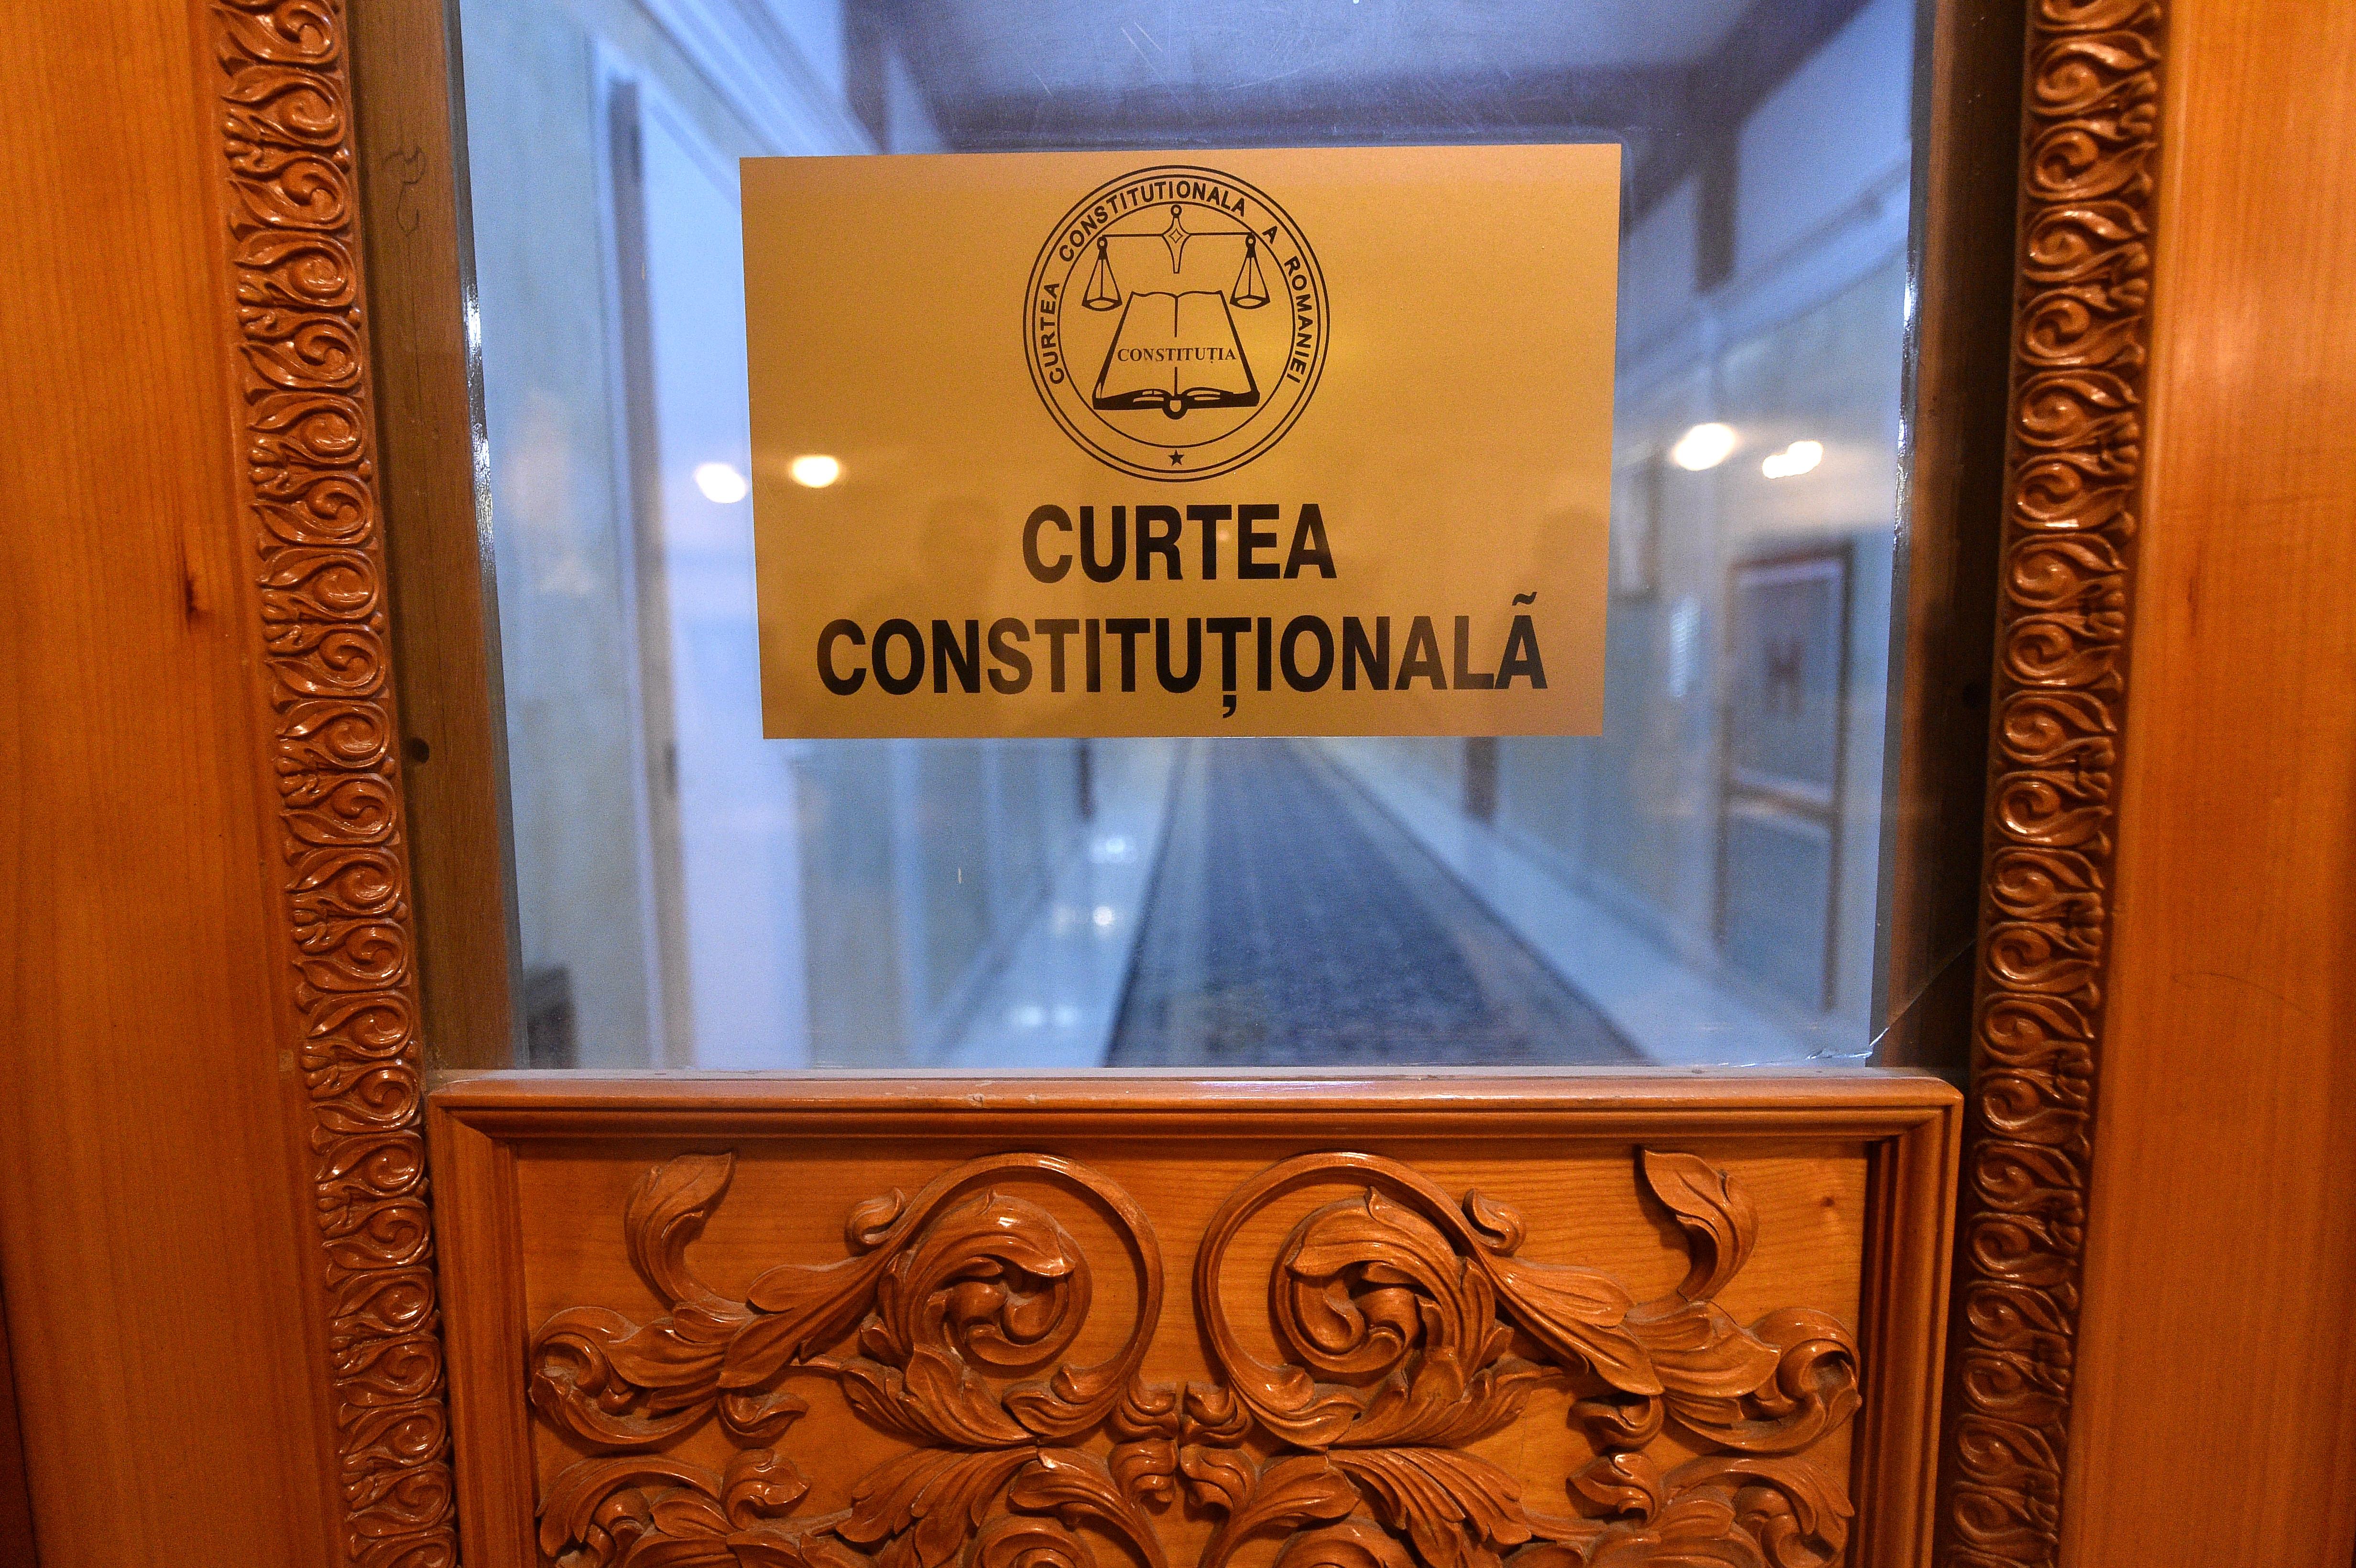 Curtea Constituțională analizează marți legalitatea investirii Guvernului Cîțu, la sesizarea AUR